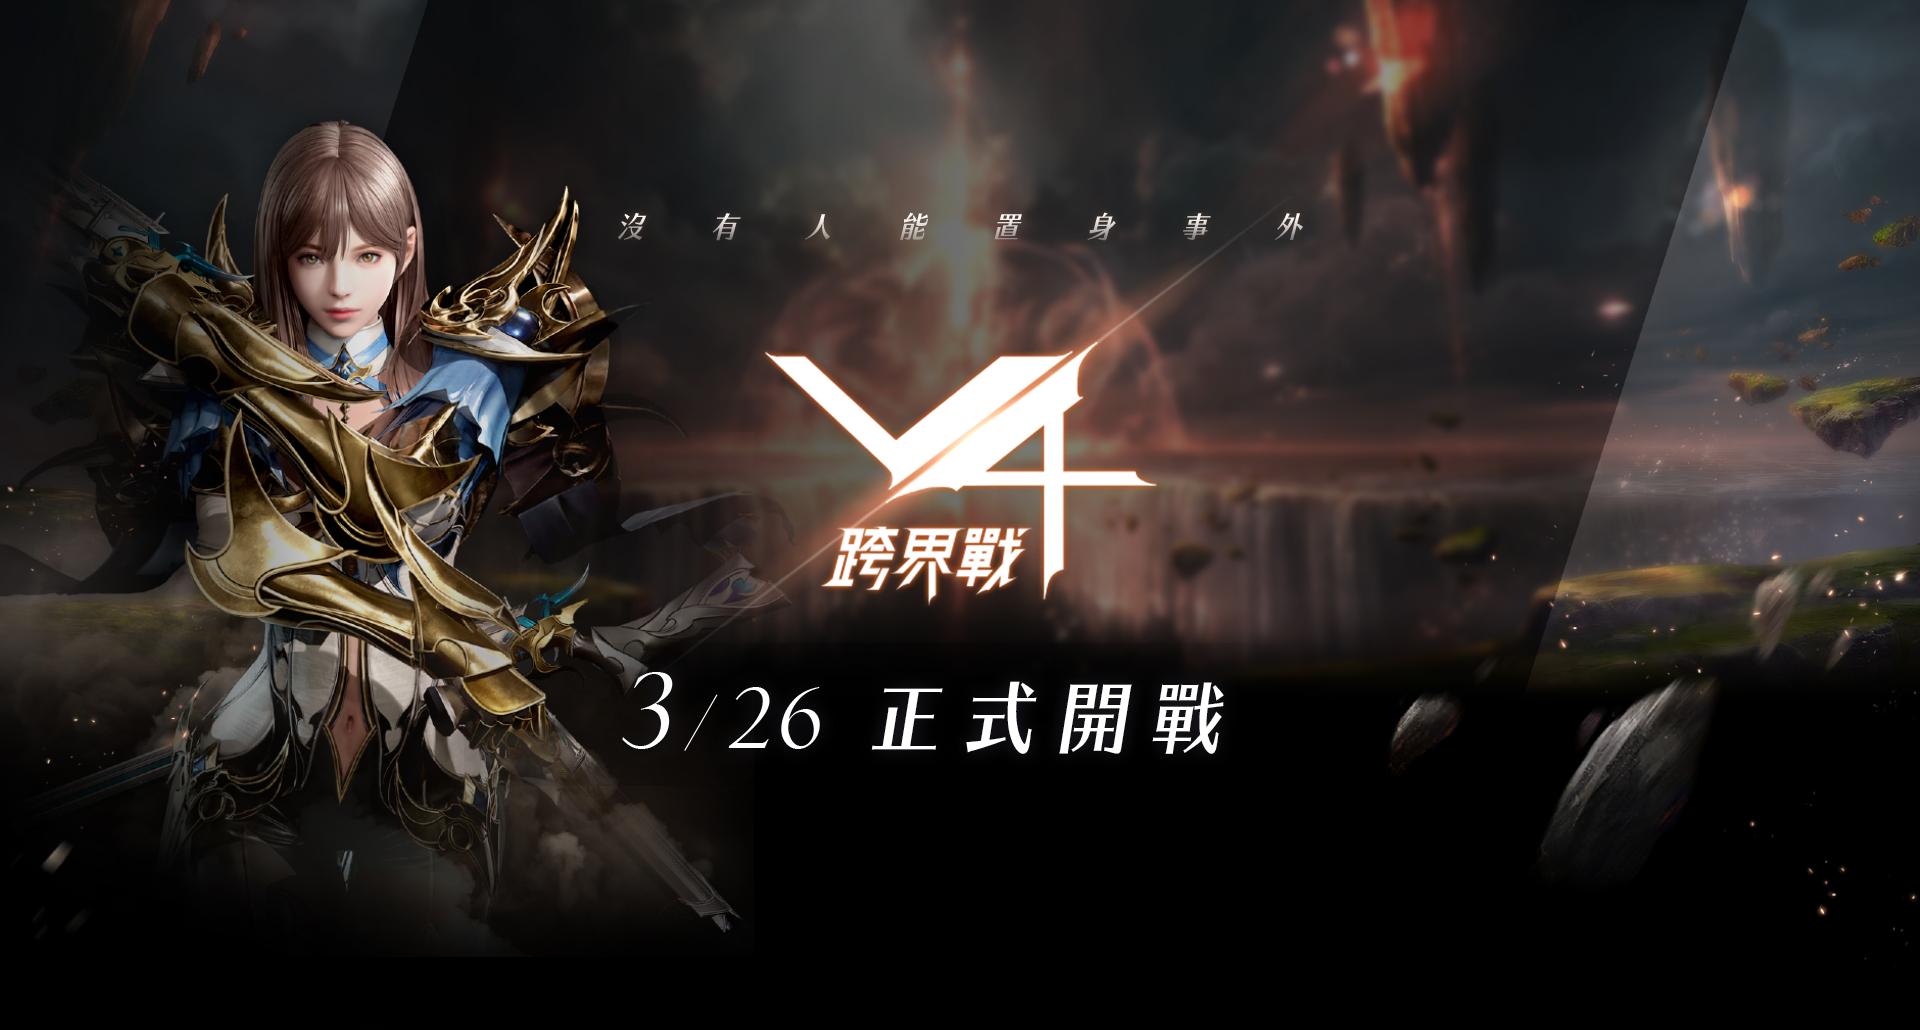 使用BlueStacks在電腦上體驗2020年年初韓國MMORPG手游鉅作《V4:跨界戰》